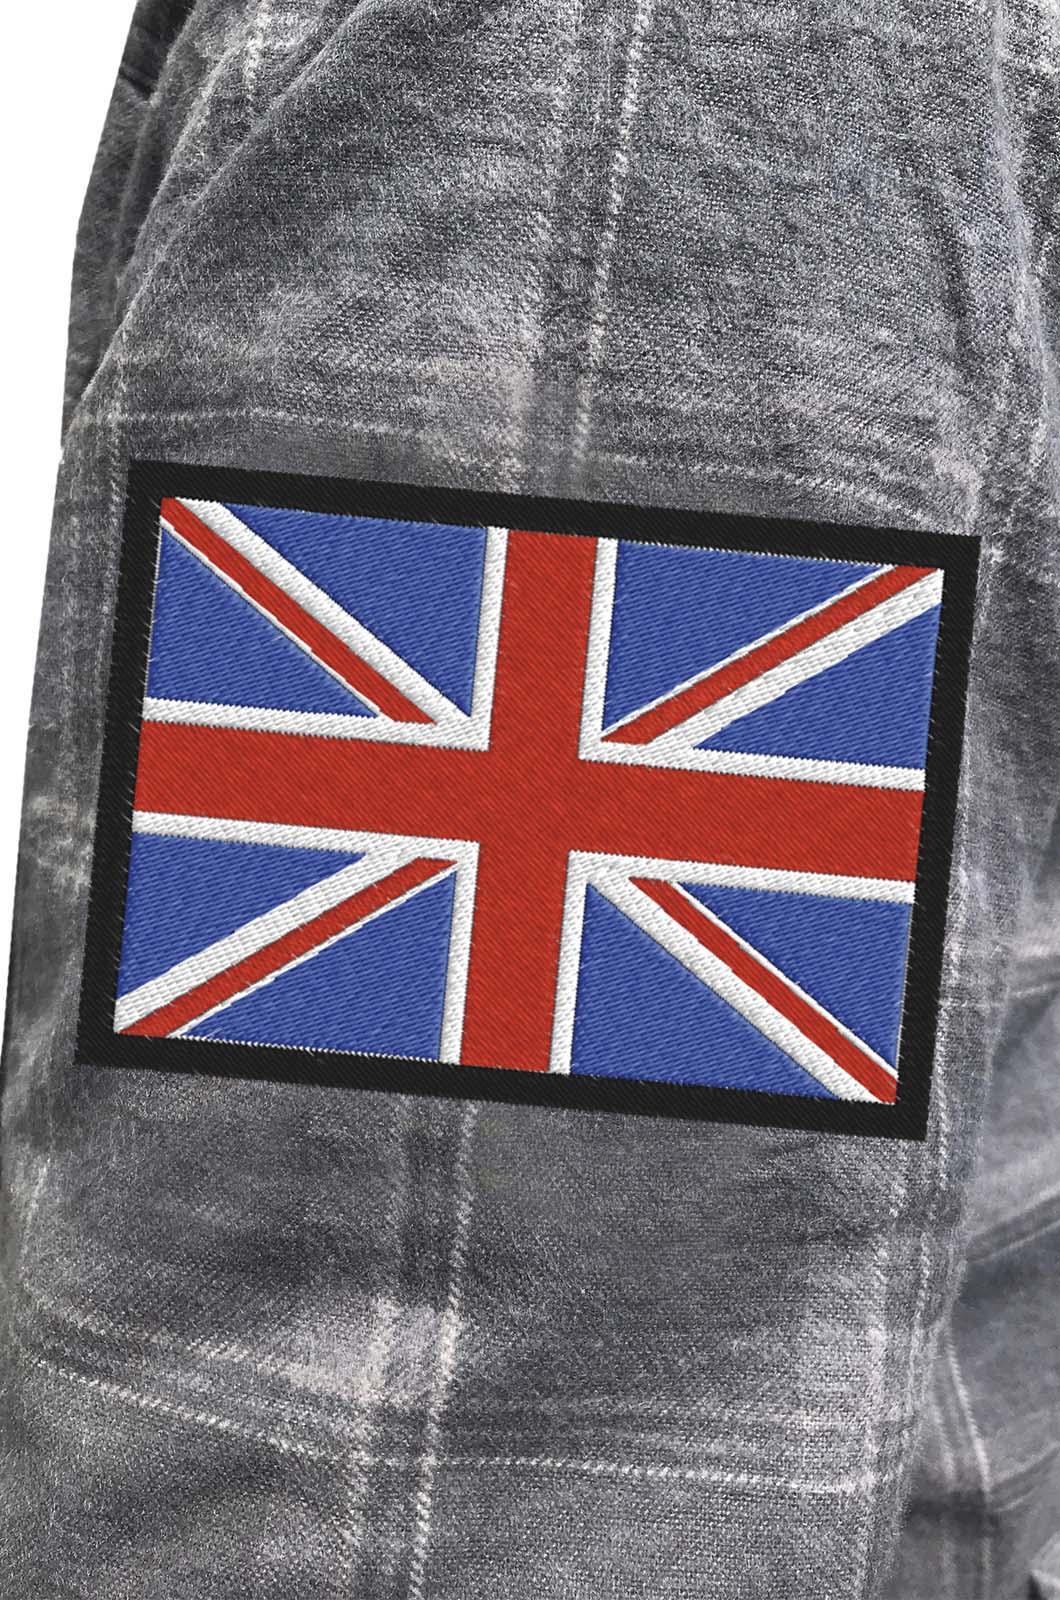 Крутая рубашка с вышитым флагом Великобритании - купить оптом